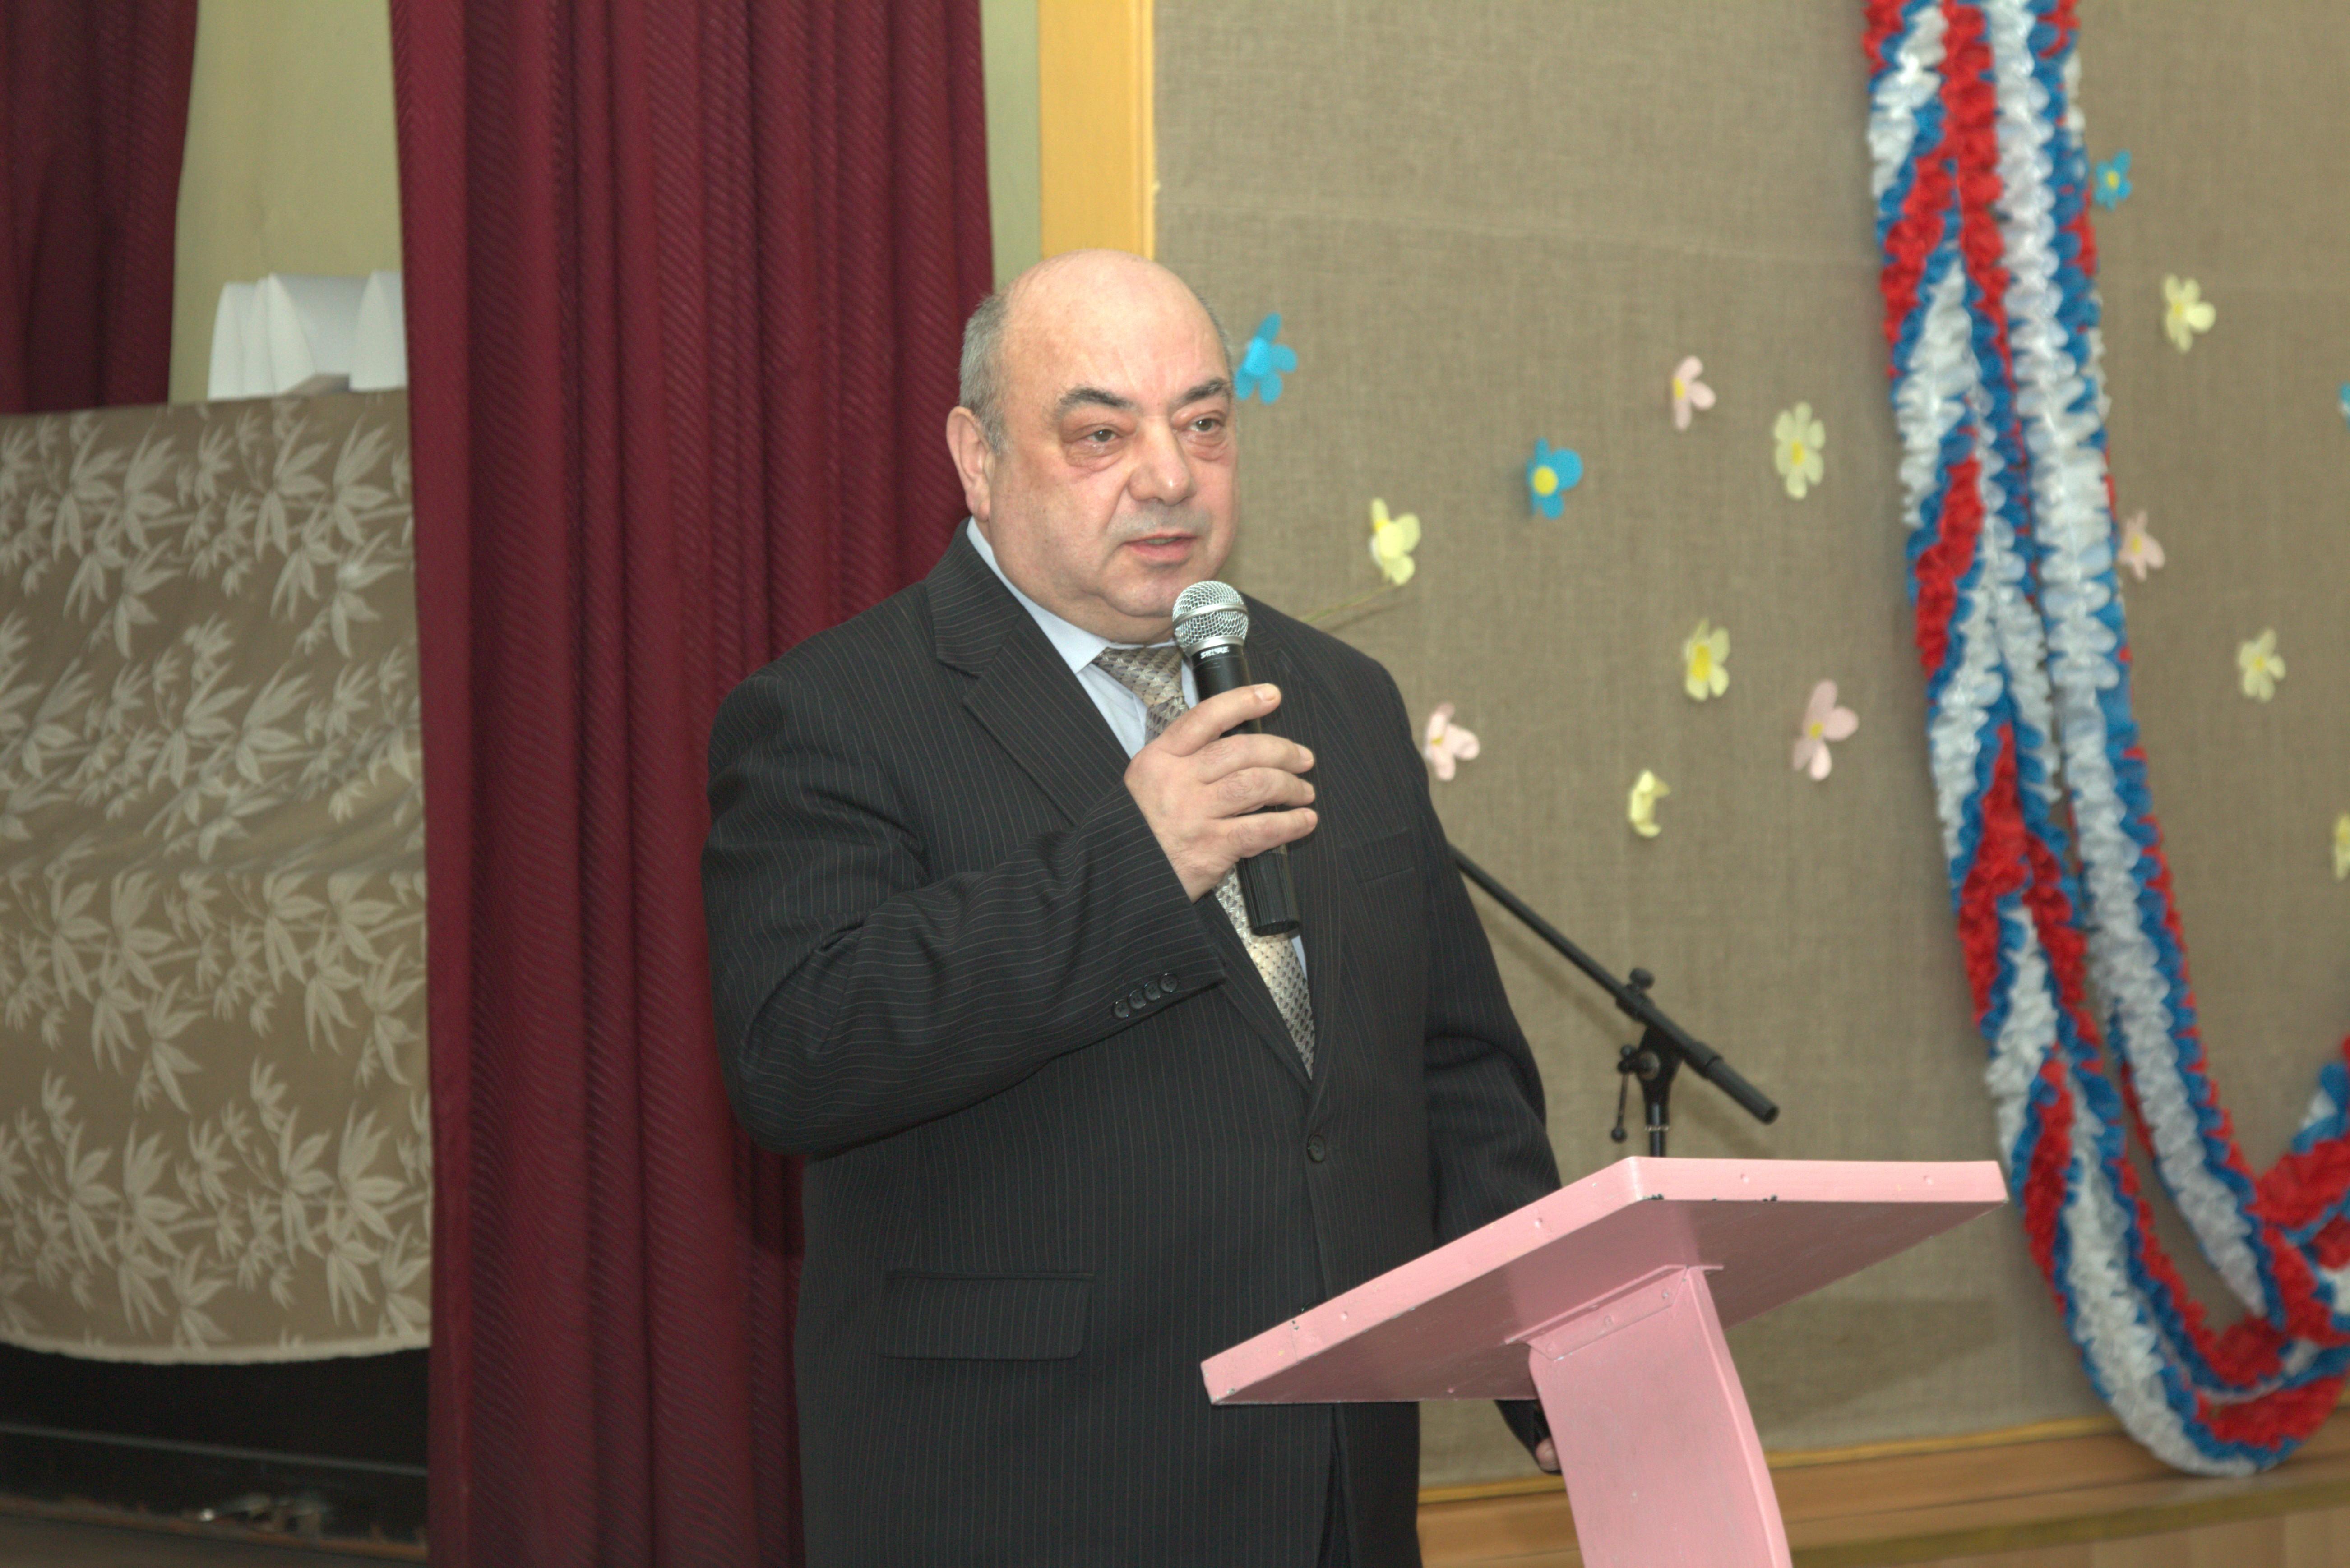 участников конференции приветствует первый заместитель главы города Смоленска Д.Я.Левант